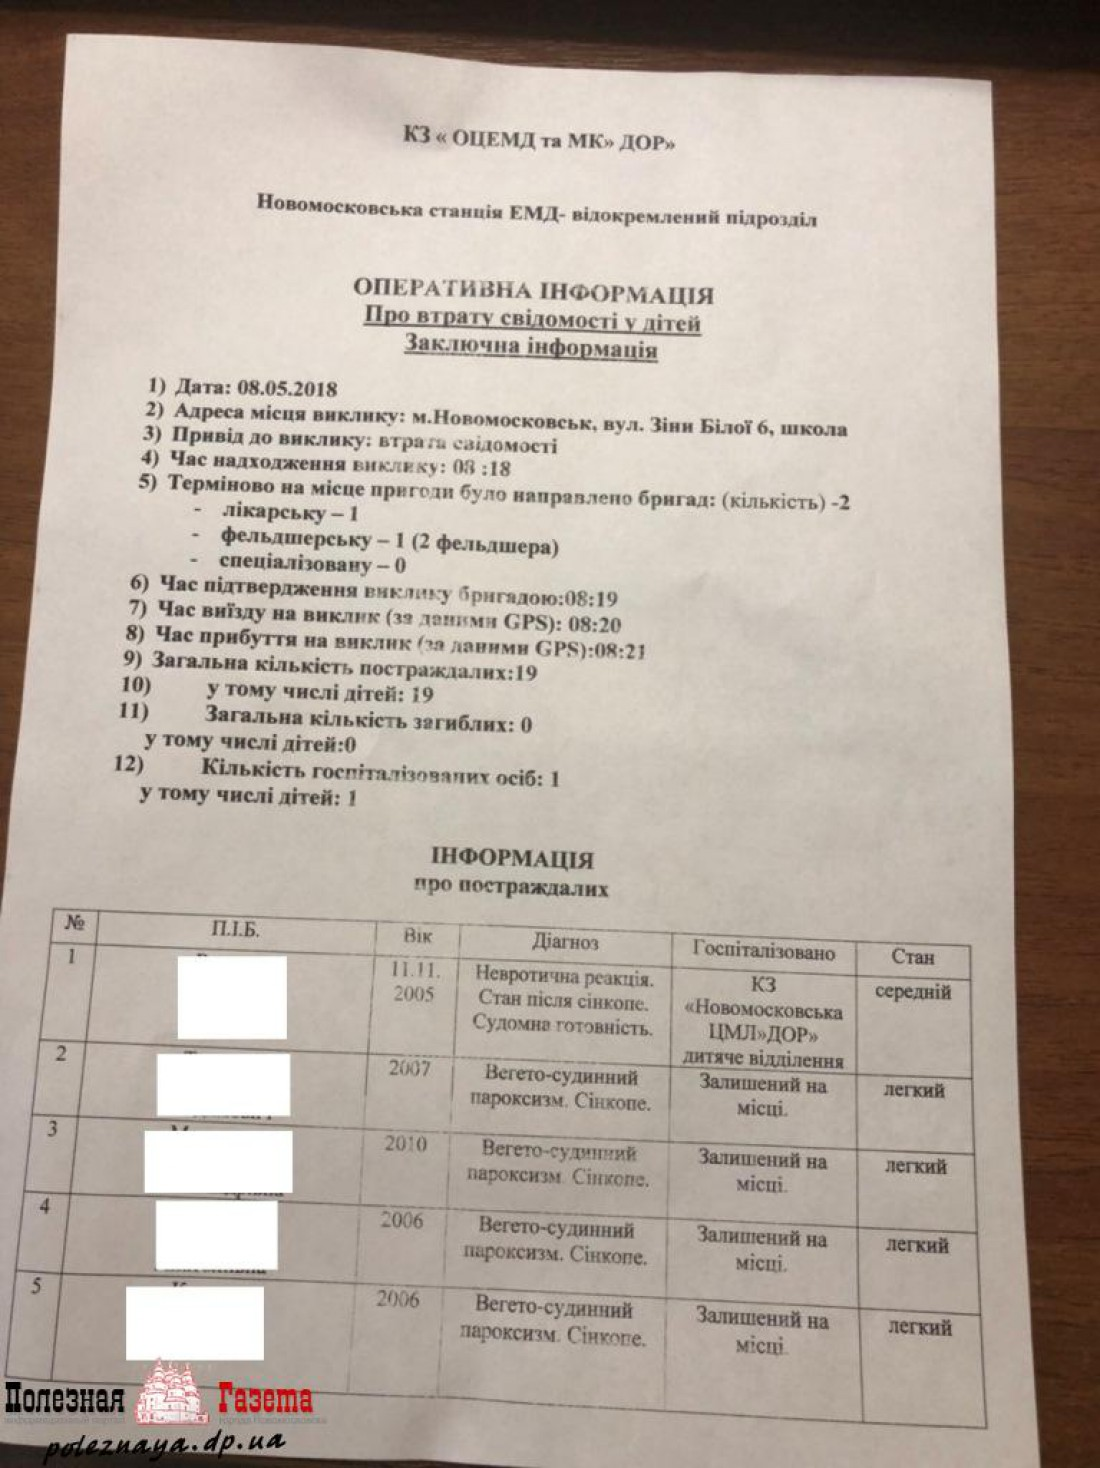 Документ о состоянии детей